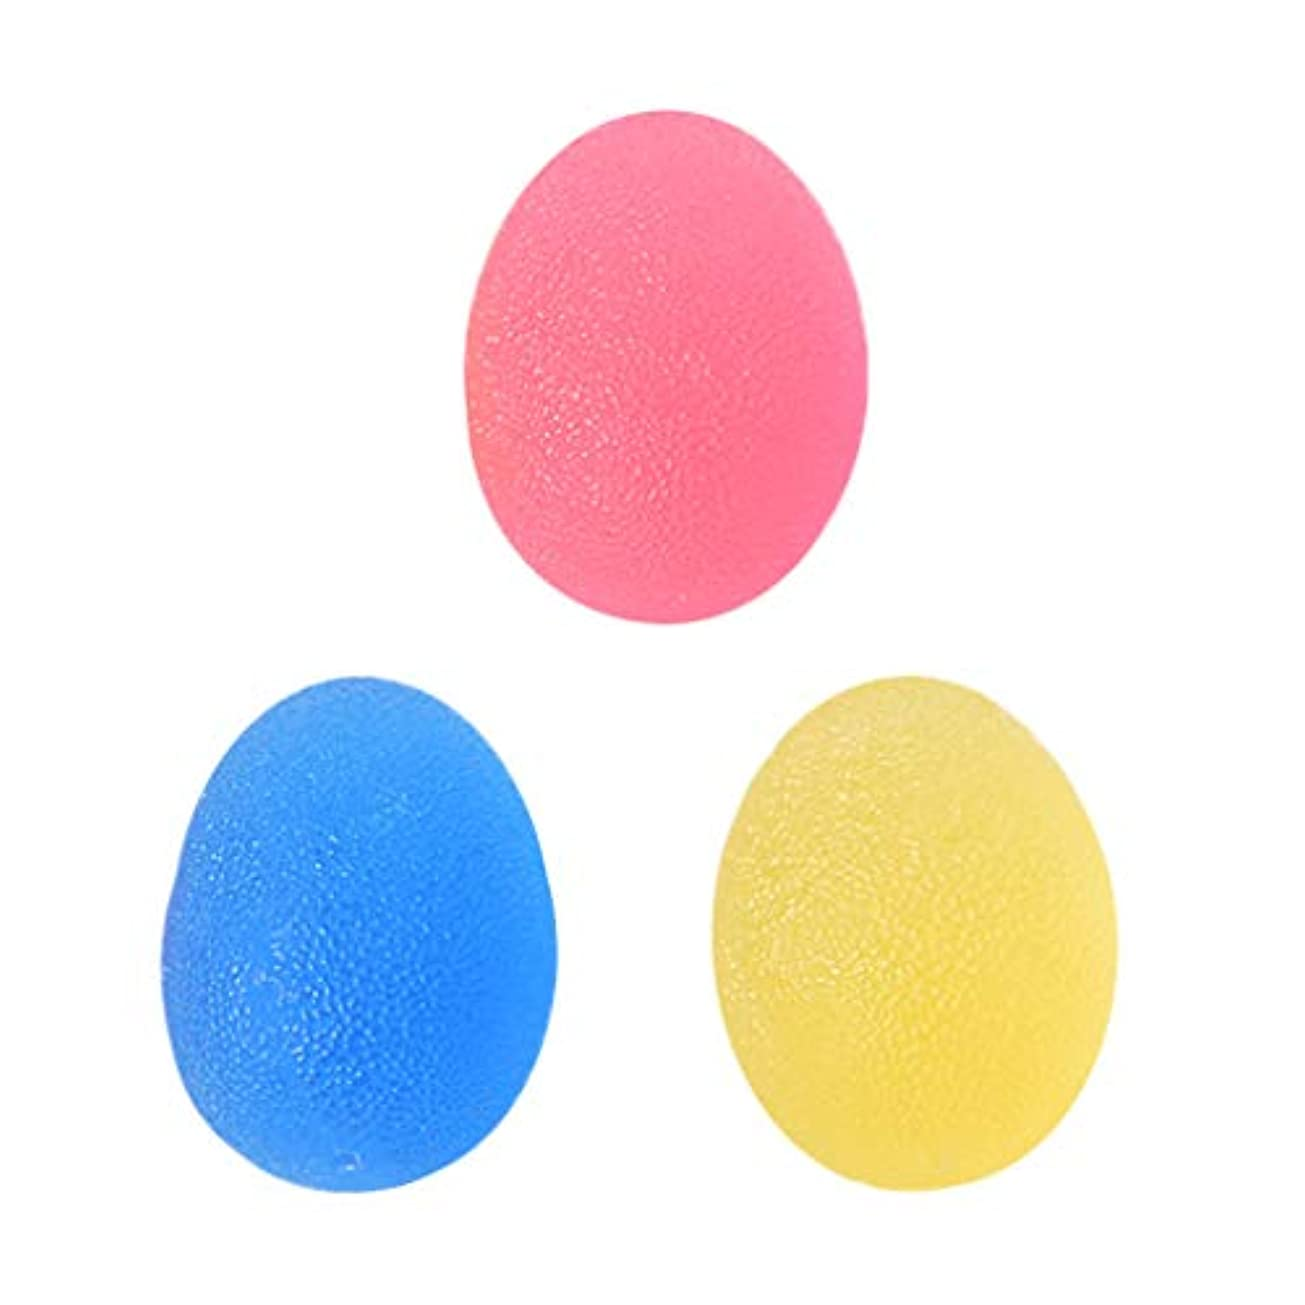 有益不誠実業界Baoblaze 3個 ハンドエクササイザ スクイズボール ツボ押し 強度ボール TPE製